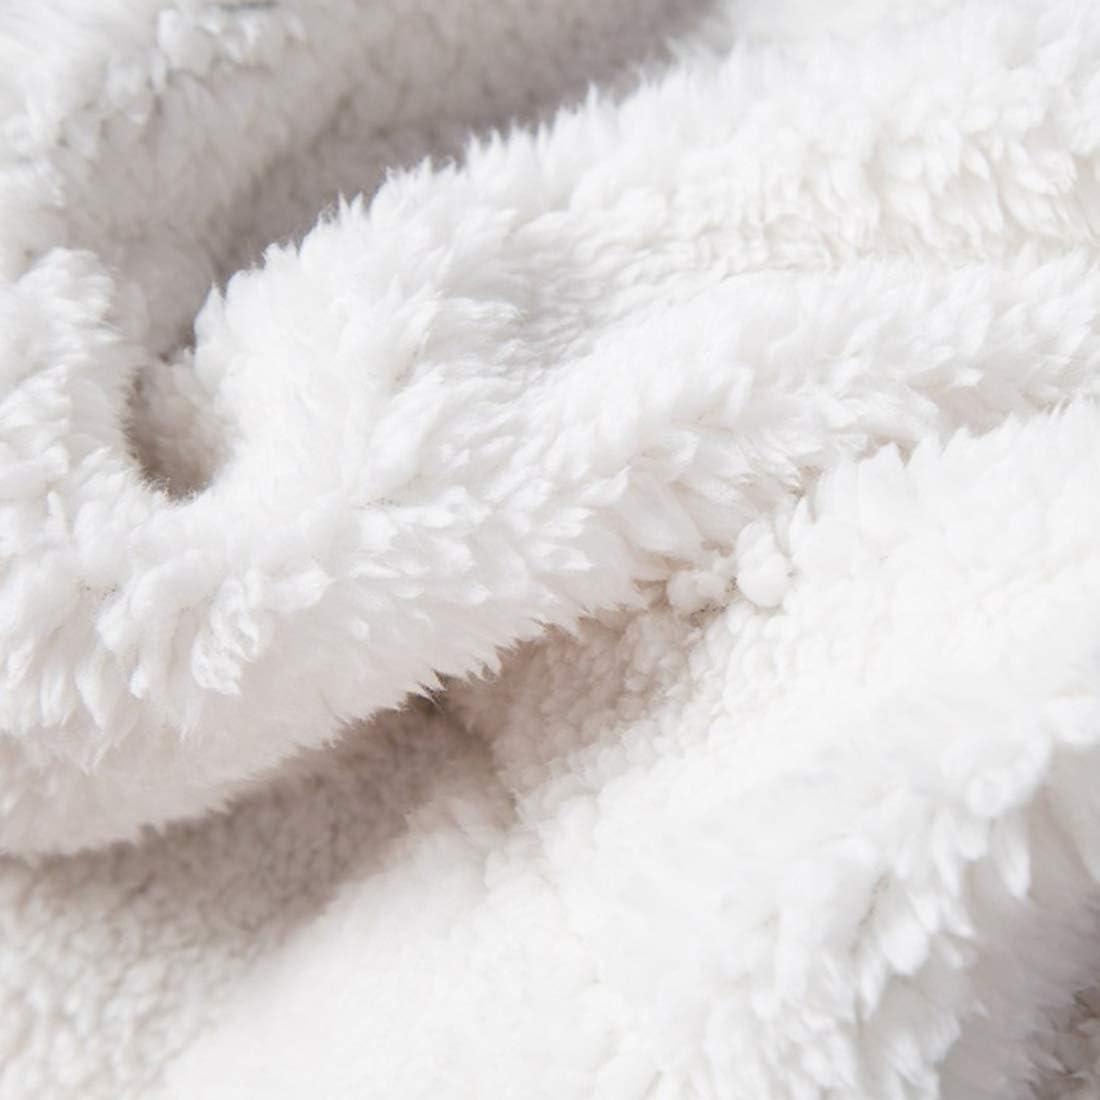 Couverture de Lit ou canap/é R/éversible Double Face Douce et Chaude Plaid Hiver AI Plaid Couverture Polaire Sherpa Rose Clair 150x200cm